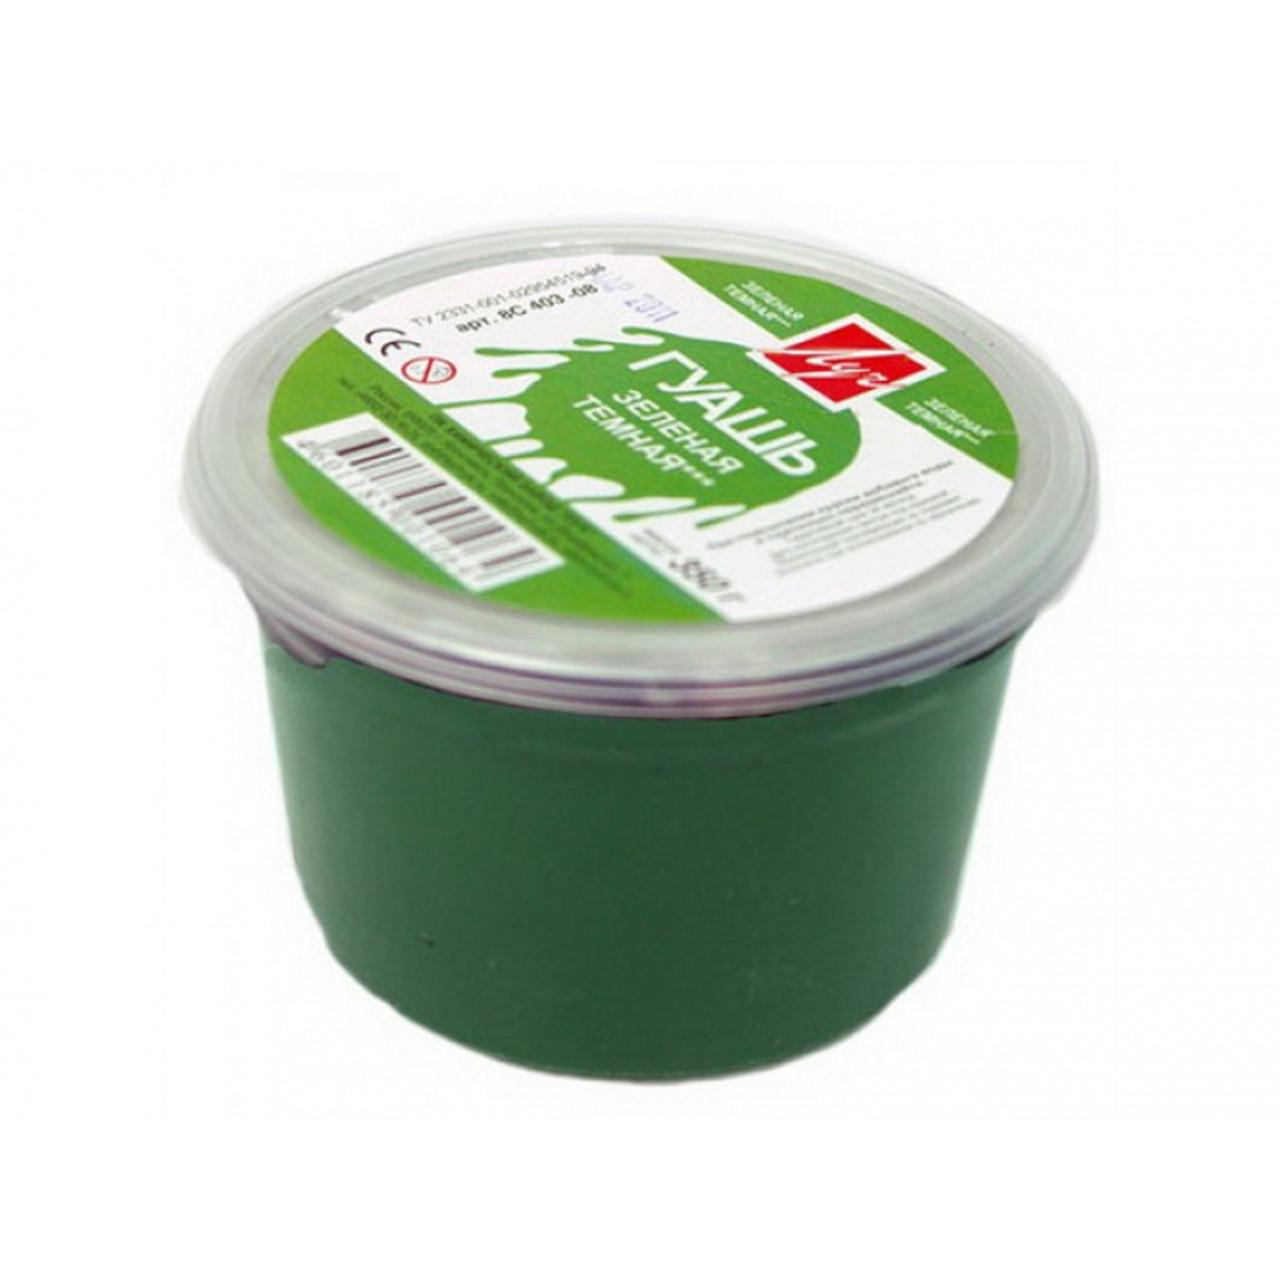 Гуаш зелена темна 225 мл, 0.35 кг 8С403-08